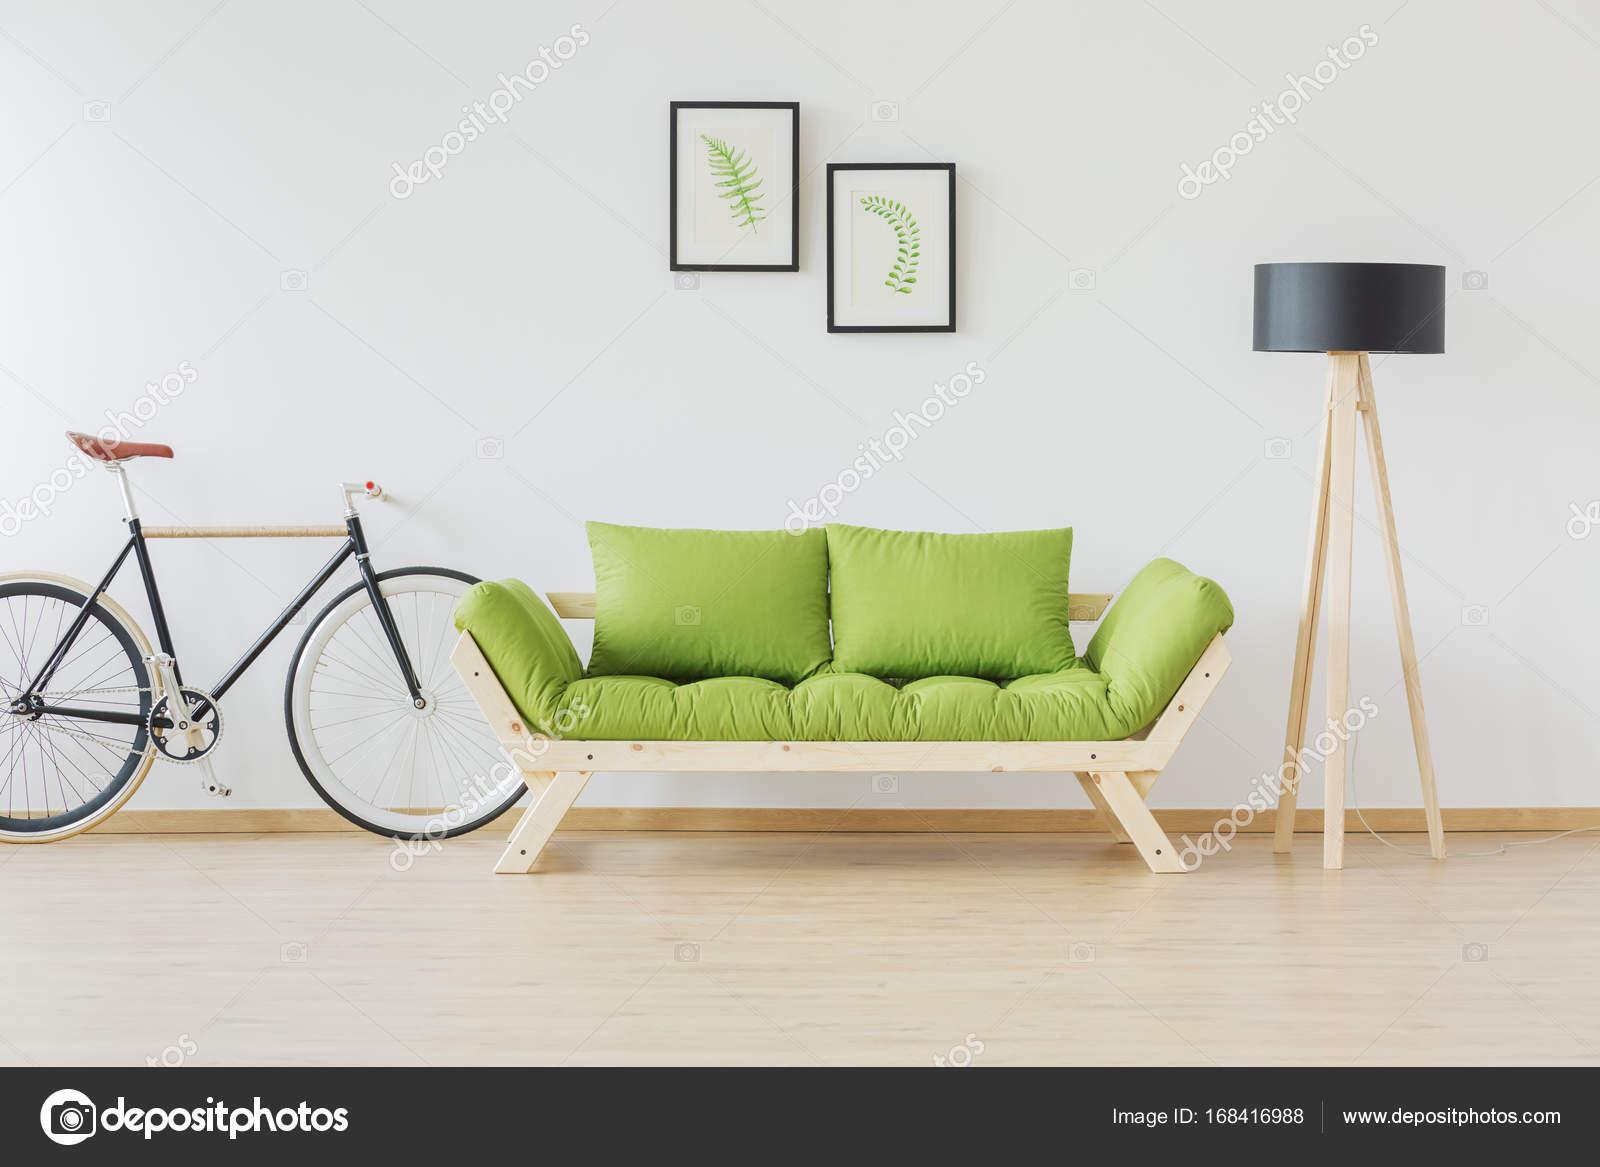 Mobel Accessoires Minimalist : Hipster fahrrad und minimalistische möbel u stockfoto